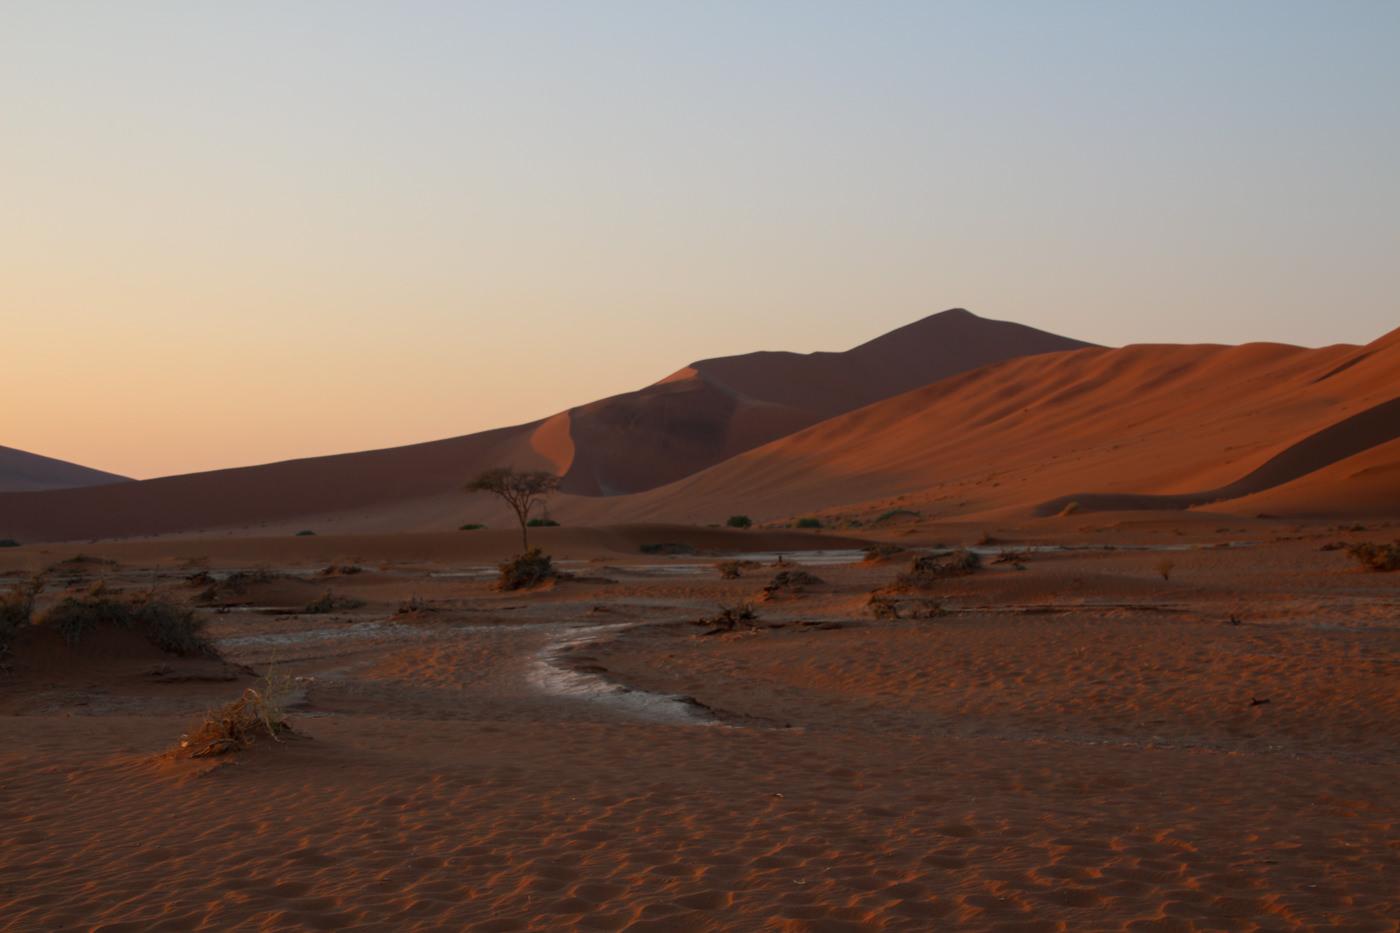 明け方のナミブ砂漠